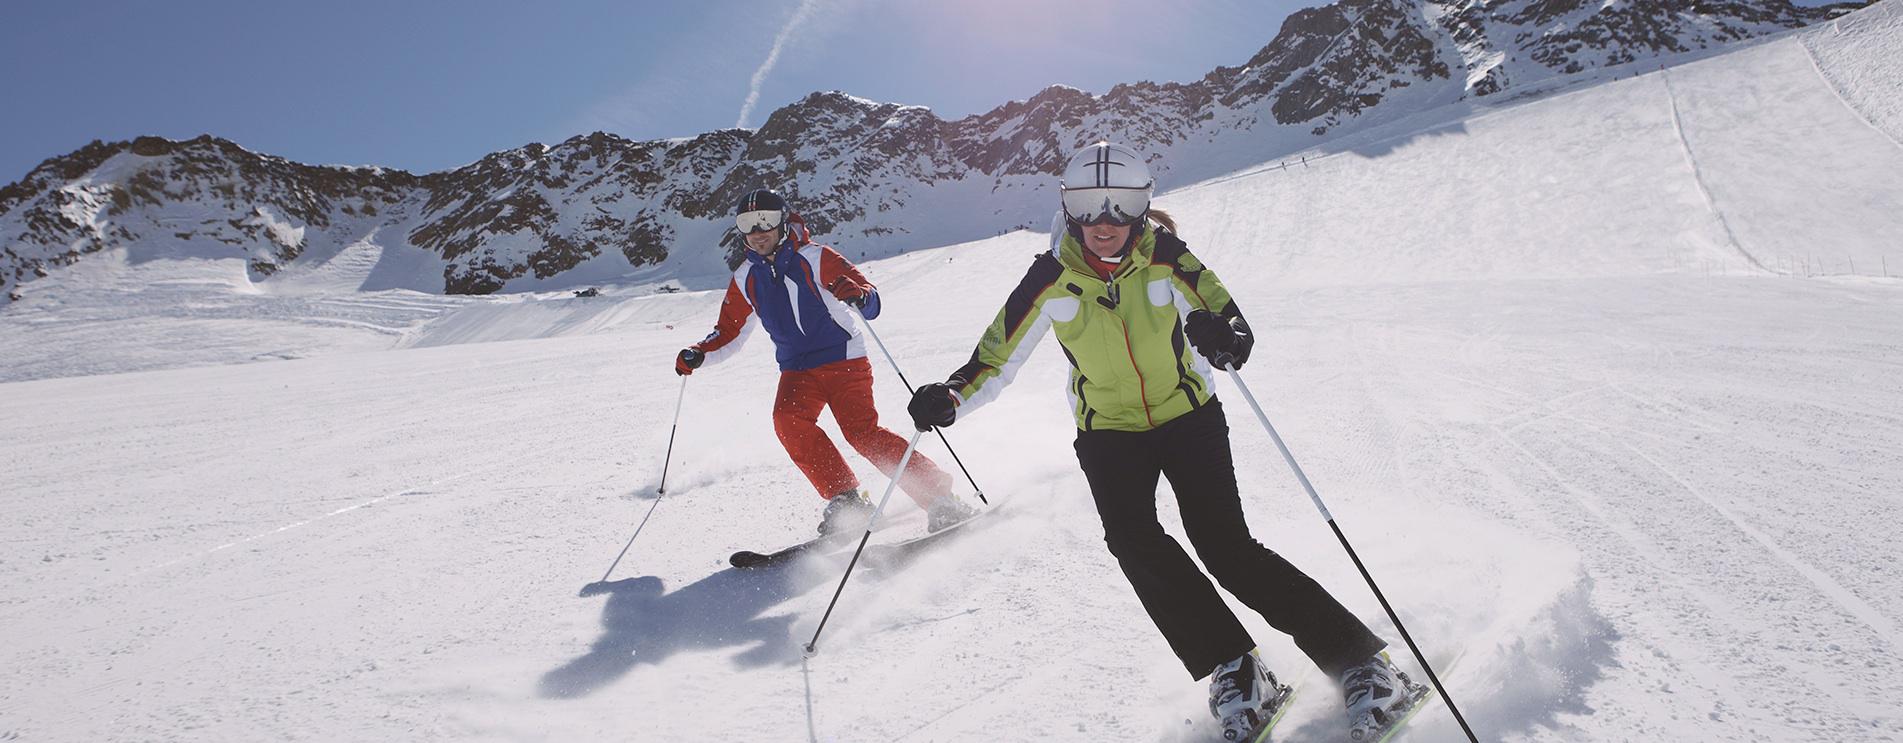 Kostenloser Gutschein für Skibindungsprüfung im Wert von 15 Franken Starte sicher in die Schneesportsaison. Gemeinsam mit der Beratungsstelle für Unfallverhütung bietet SWICA eine kostenlose Kontrolle der Skibindung bei SportXX im Wert von 15 Franken. Jetzt online herunterladen.